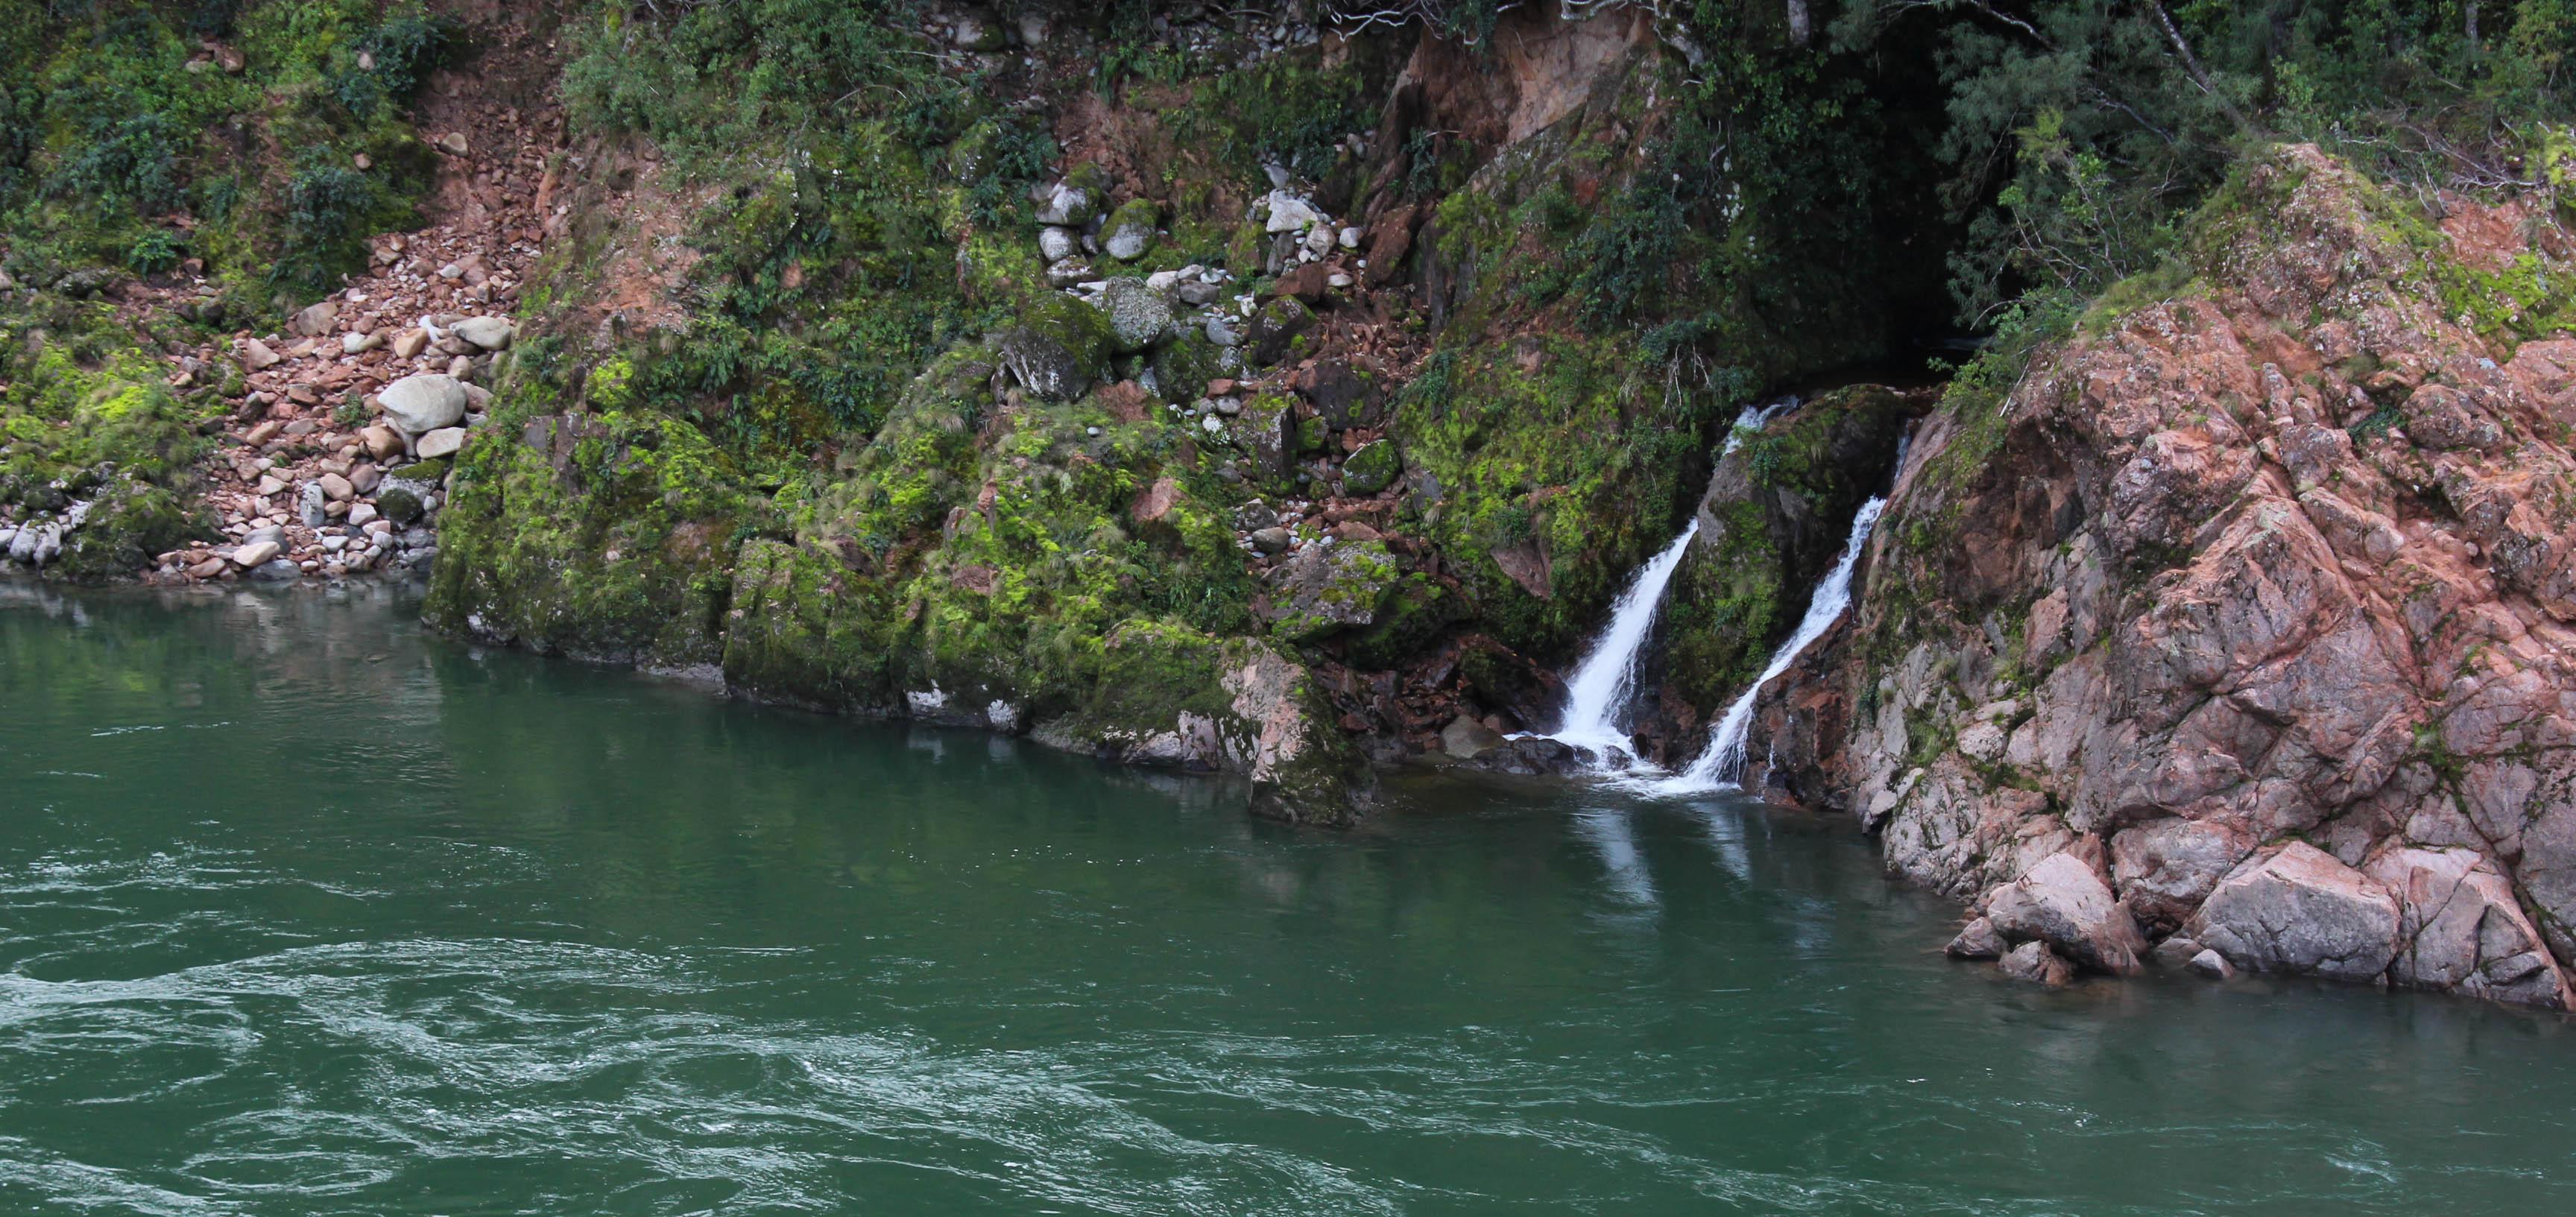 Nouvelle Zélande - Nelson & buller gorge swingbridge - les lubies de Louise (22 sur 42)